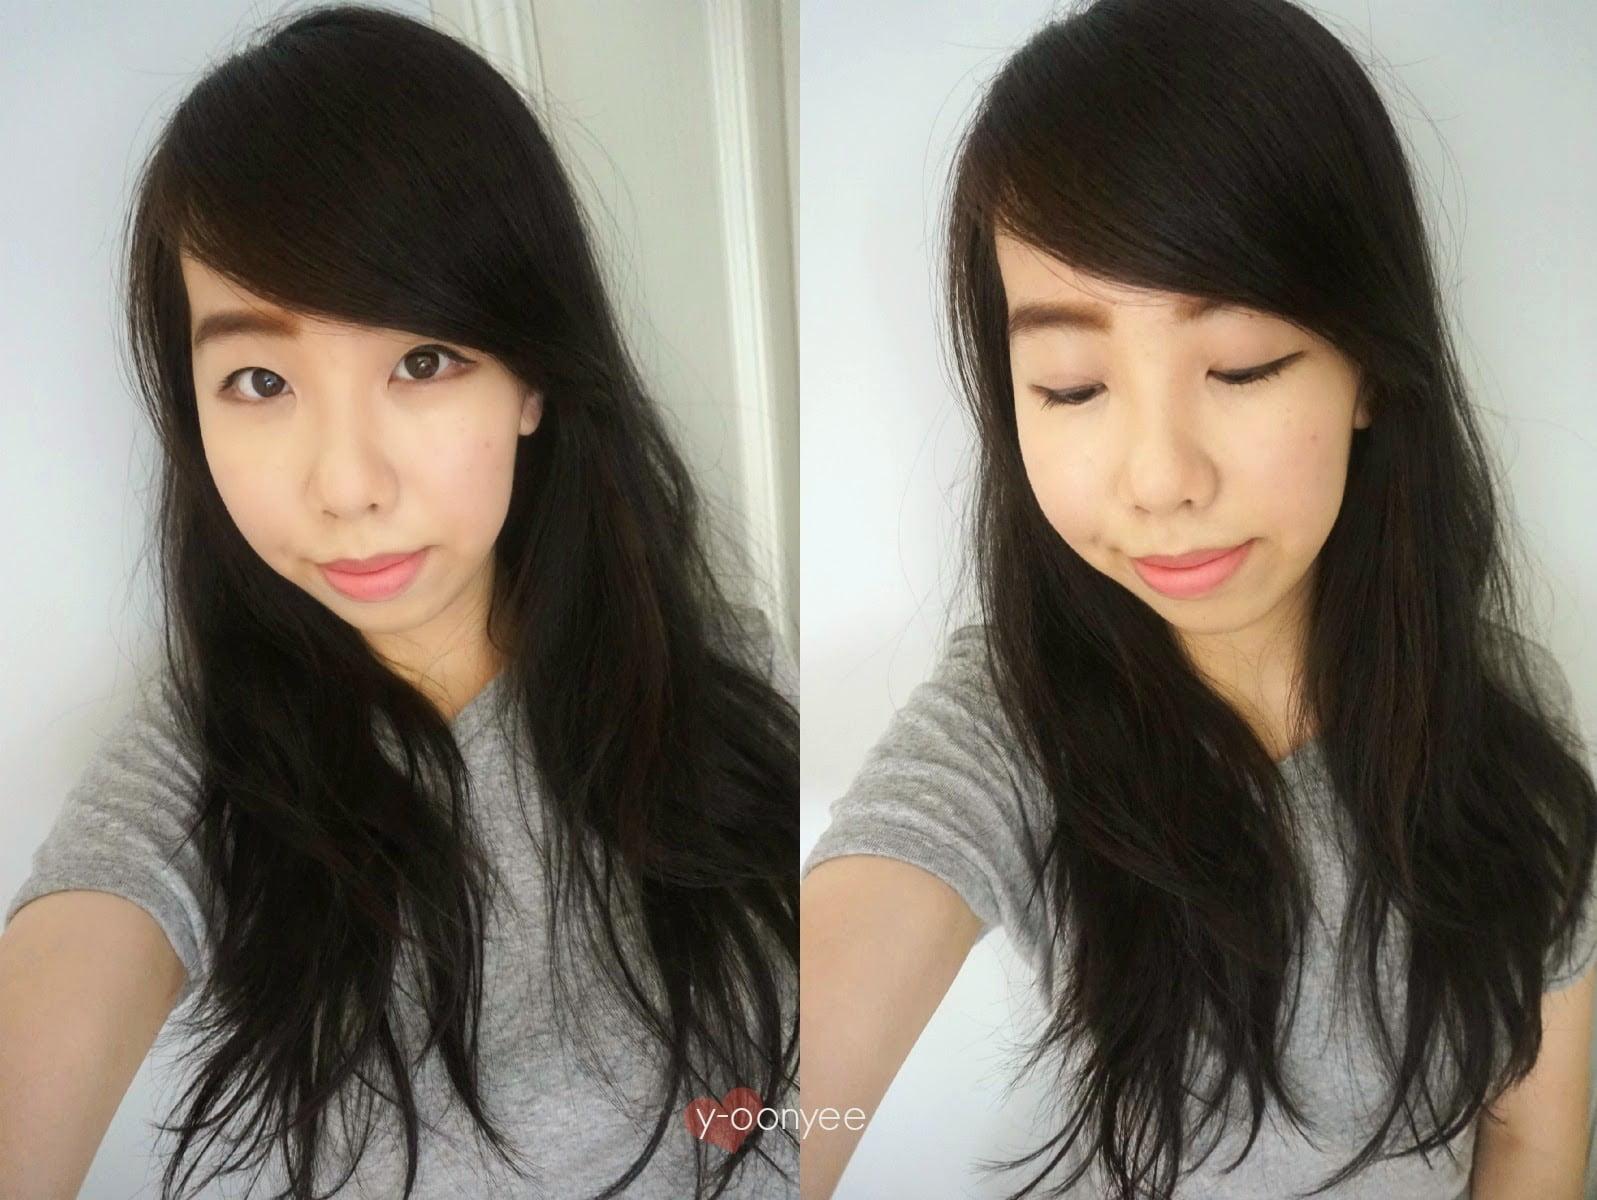 Girl wearing Korean makeup